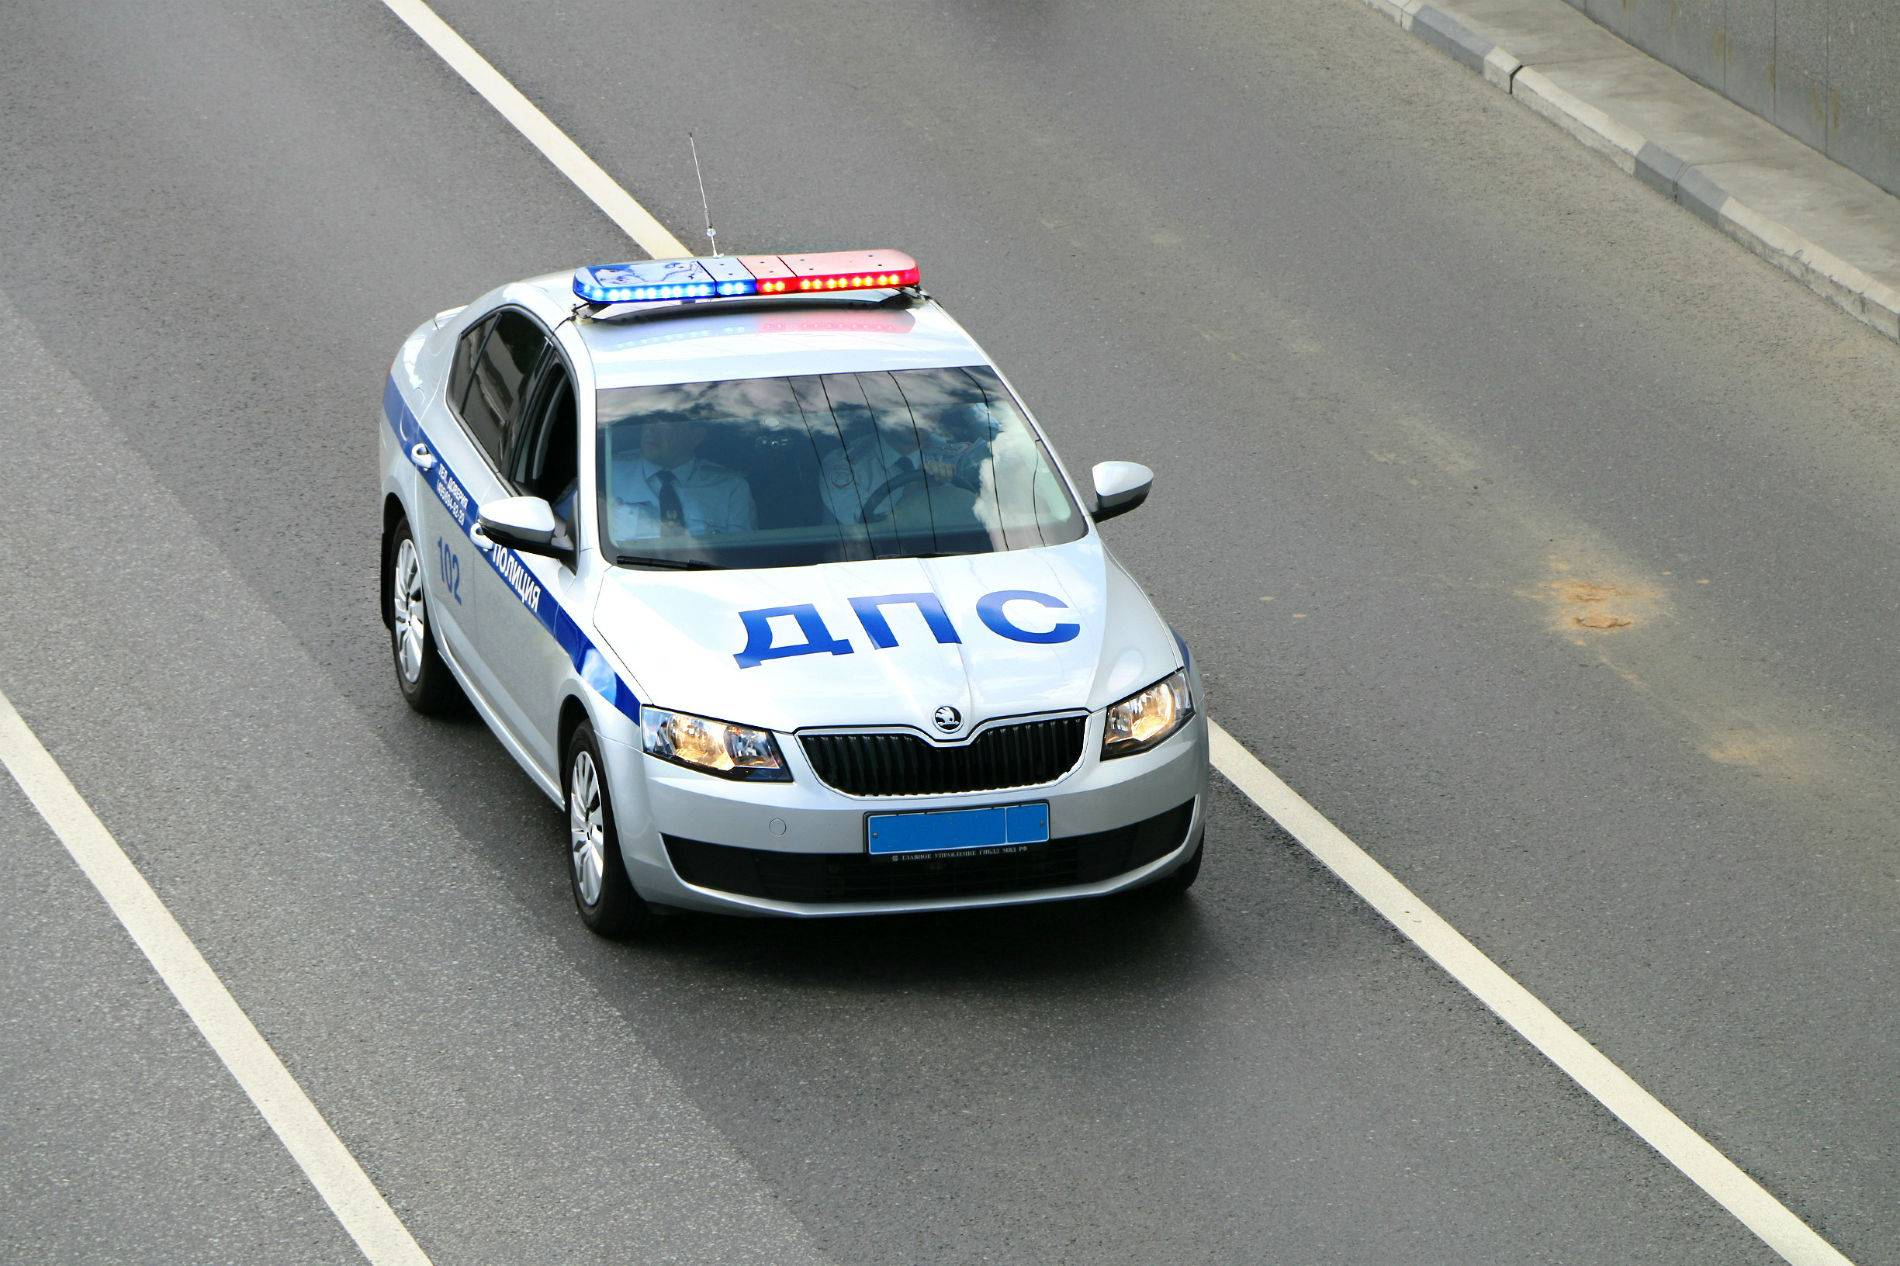 Случаев обгона патрульной машины ГИБДД немного, но их надо знать каждому автомобилисту, как «отче наш». Они прописаны в пункте 3.2 Правил дорожного движения.